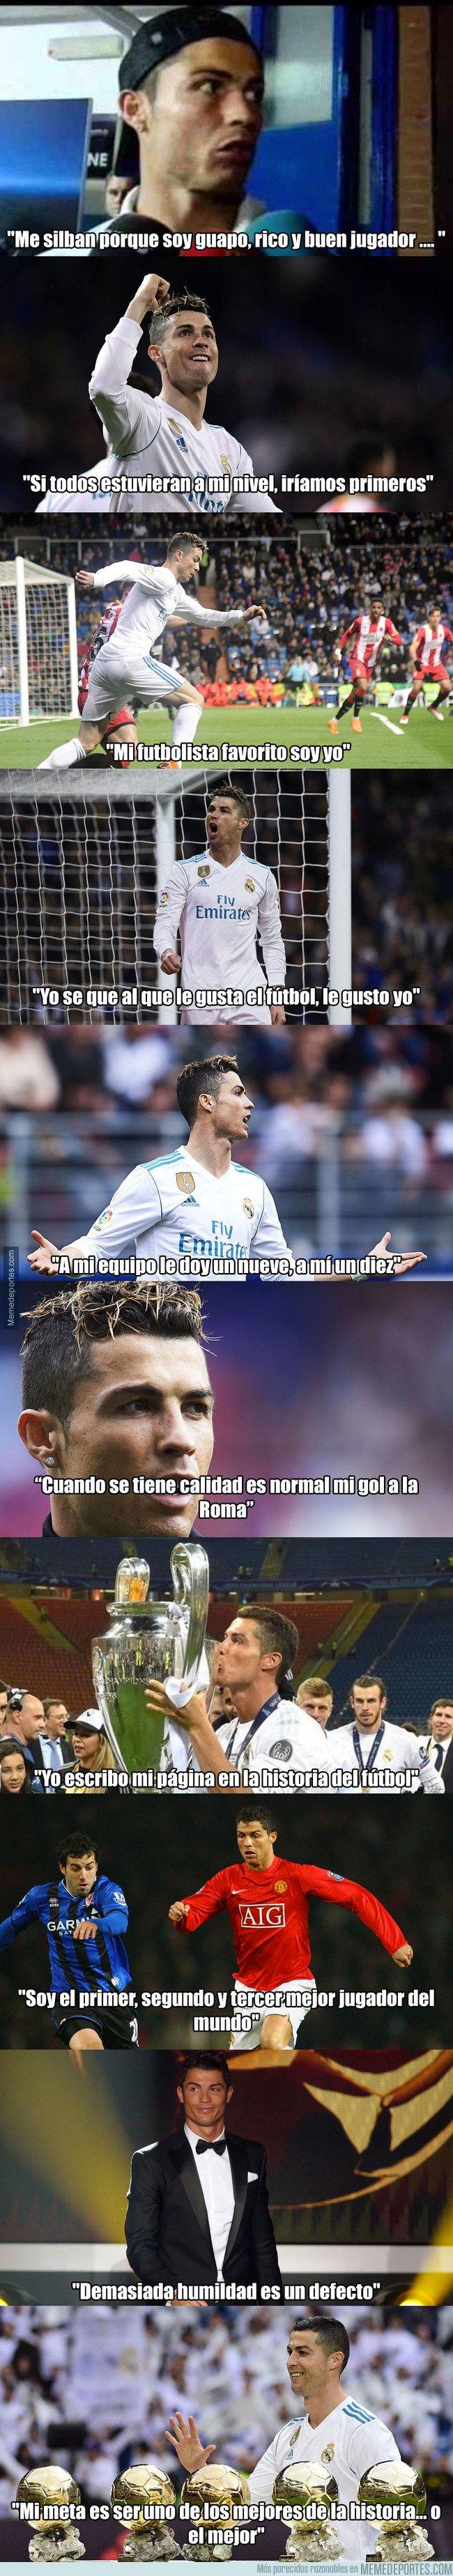 1026428 - Las diez frases más sobradas y prepotentes de Cristiano Ronaldo